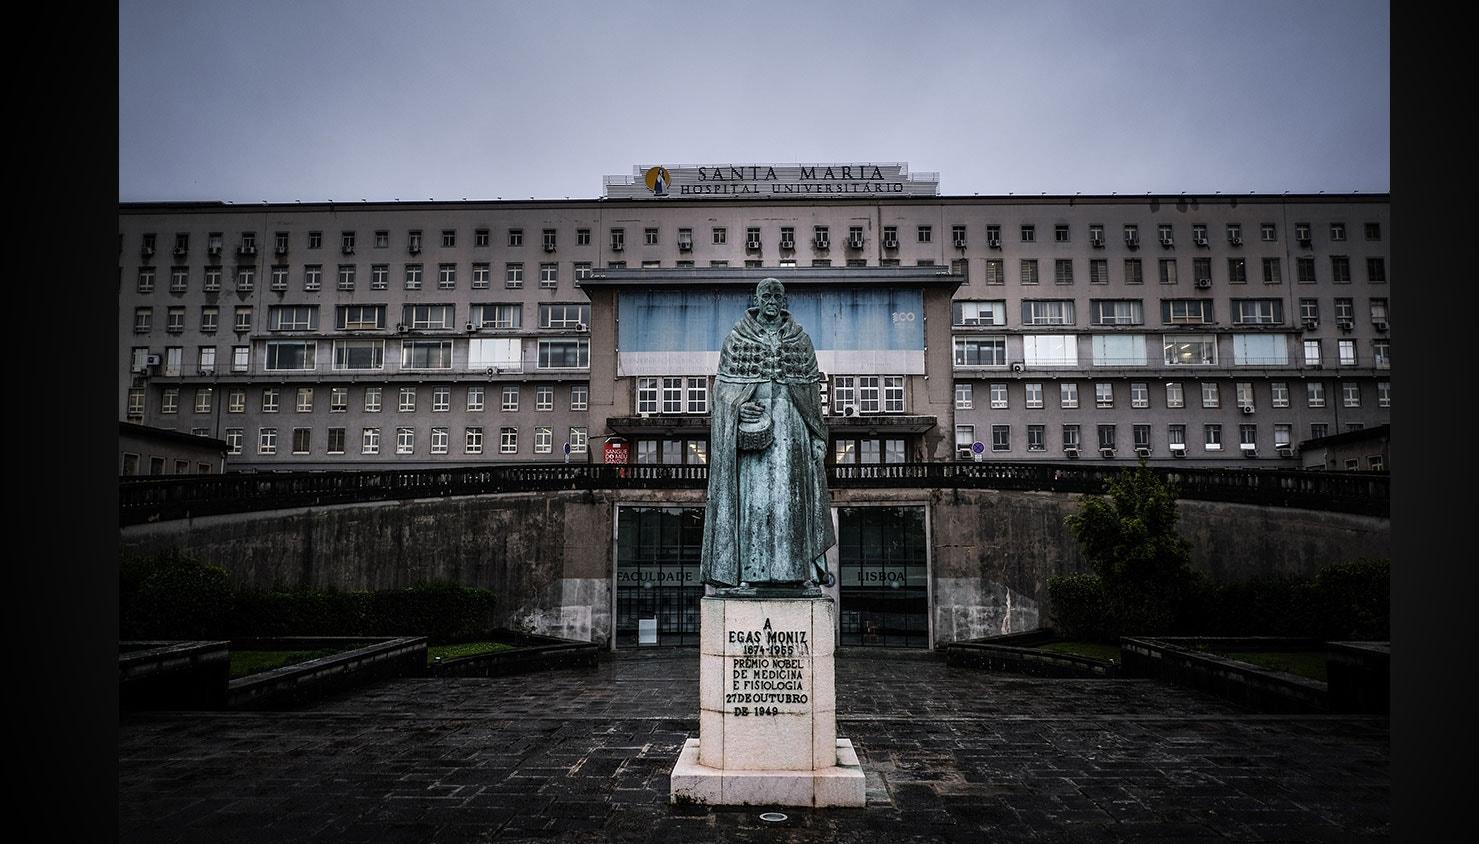 Entrada do Hospital de Santa Maria, um dos hospitais onde são tratados doentes com Covid-19. / Mário Cruz - Lusa